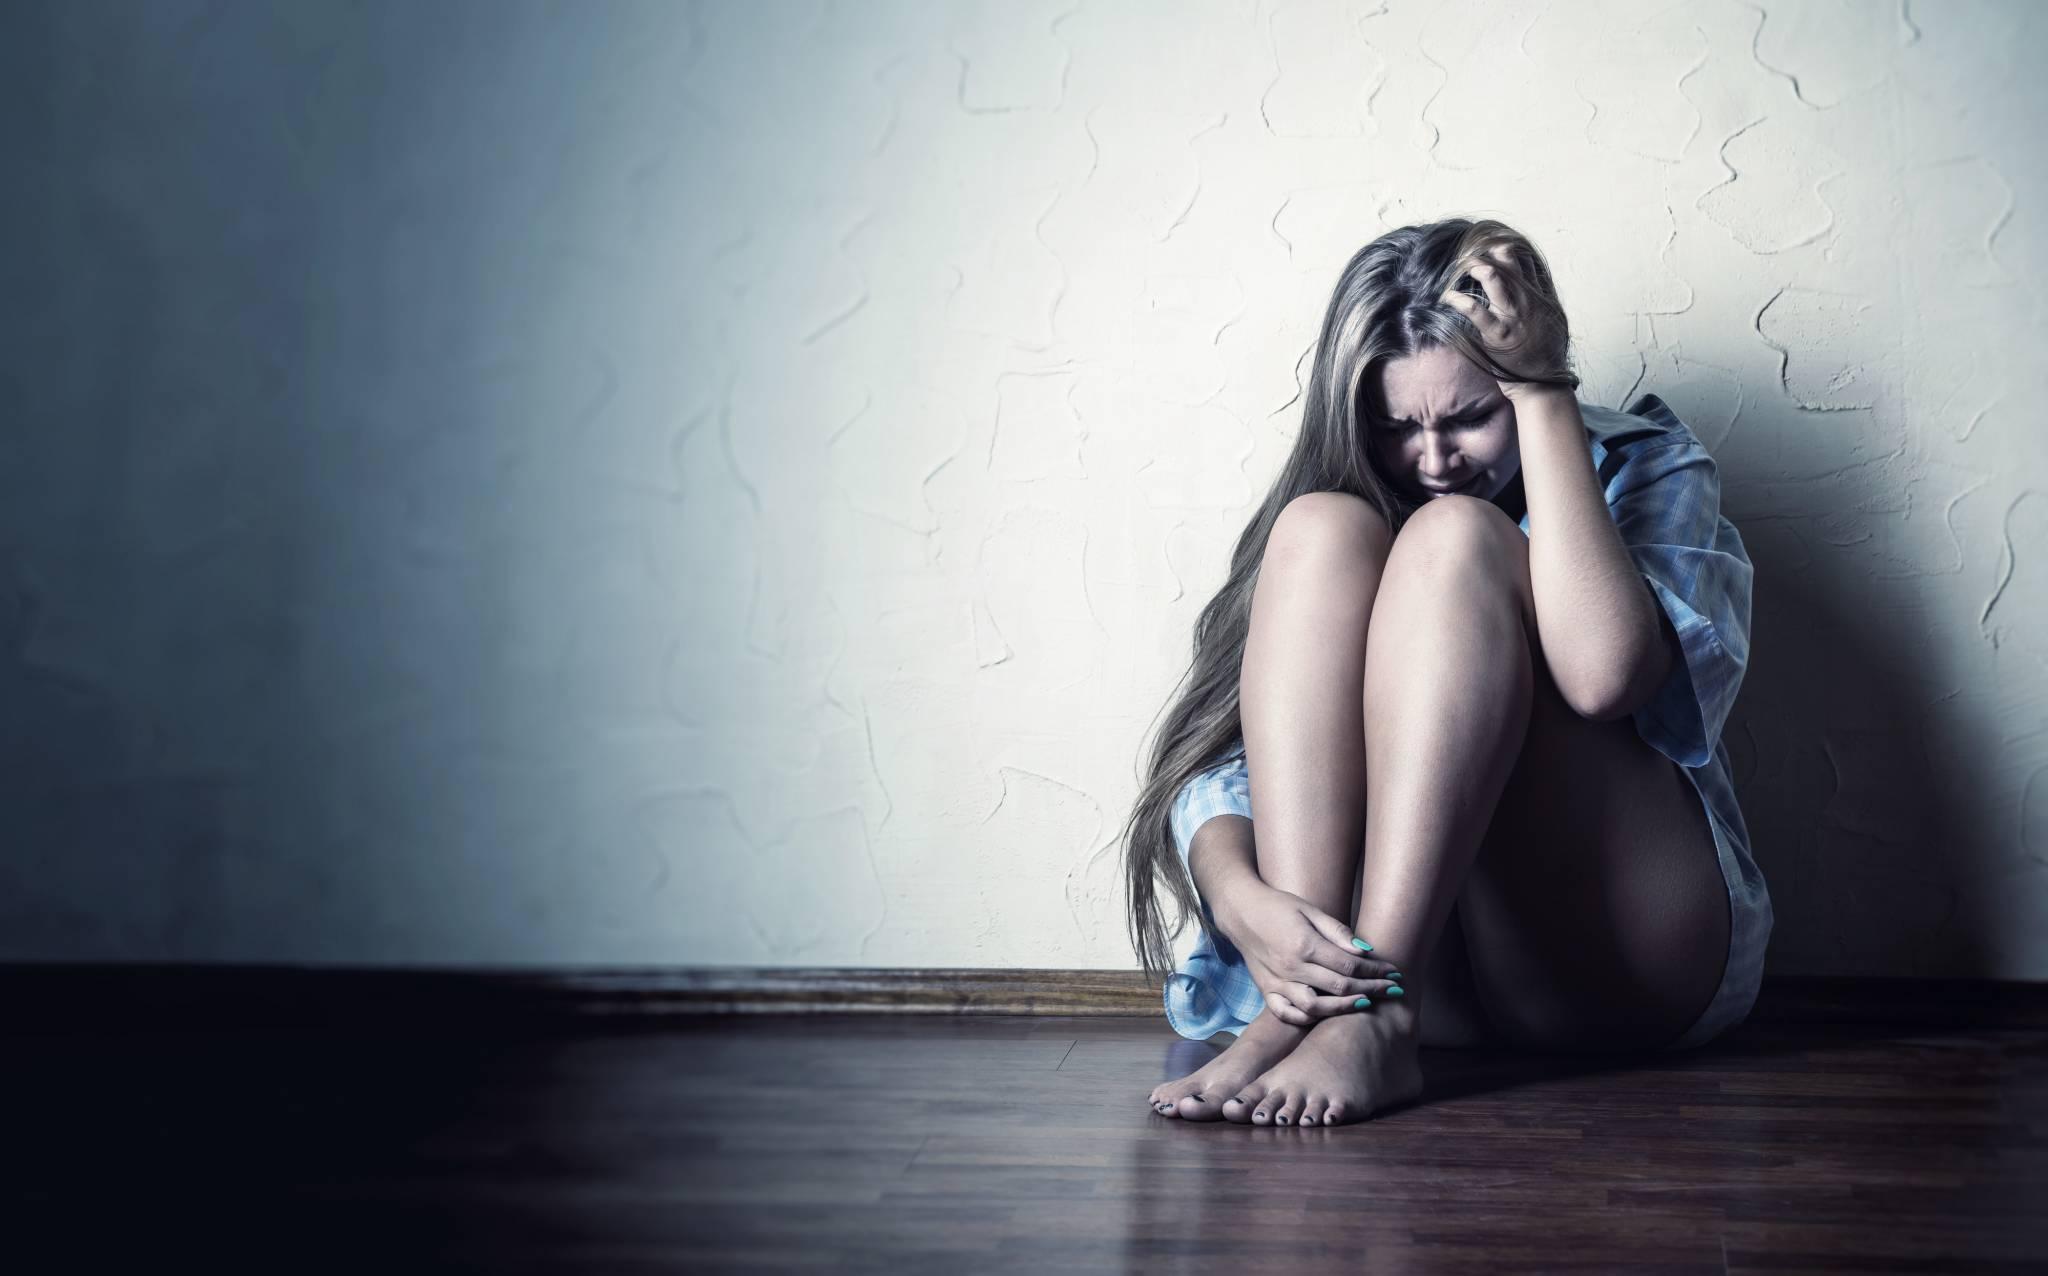 Jaskinia mężczyzny: czemu Twój partner ucieka od rozmowy?